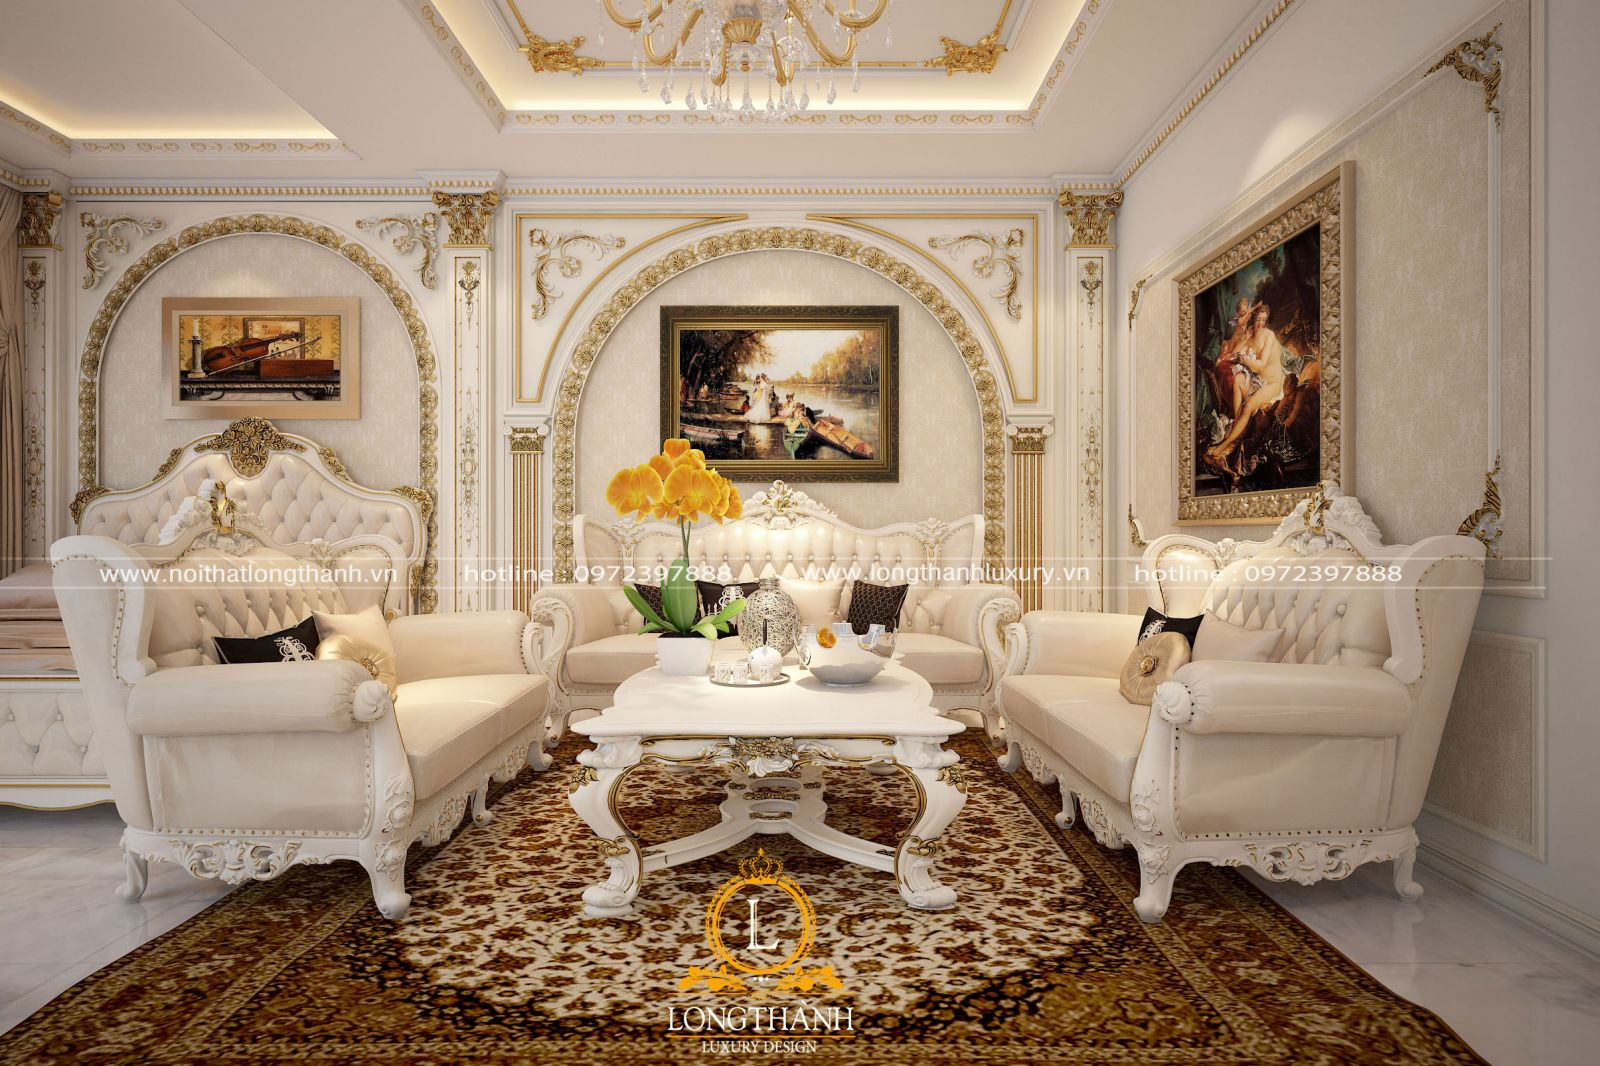 Bố trí tranh treo tường ở 3 mặt phẳng tường tạo nên sự hài hòa cho phòng khách